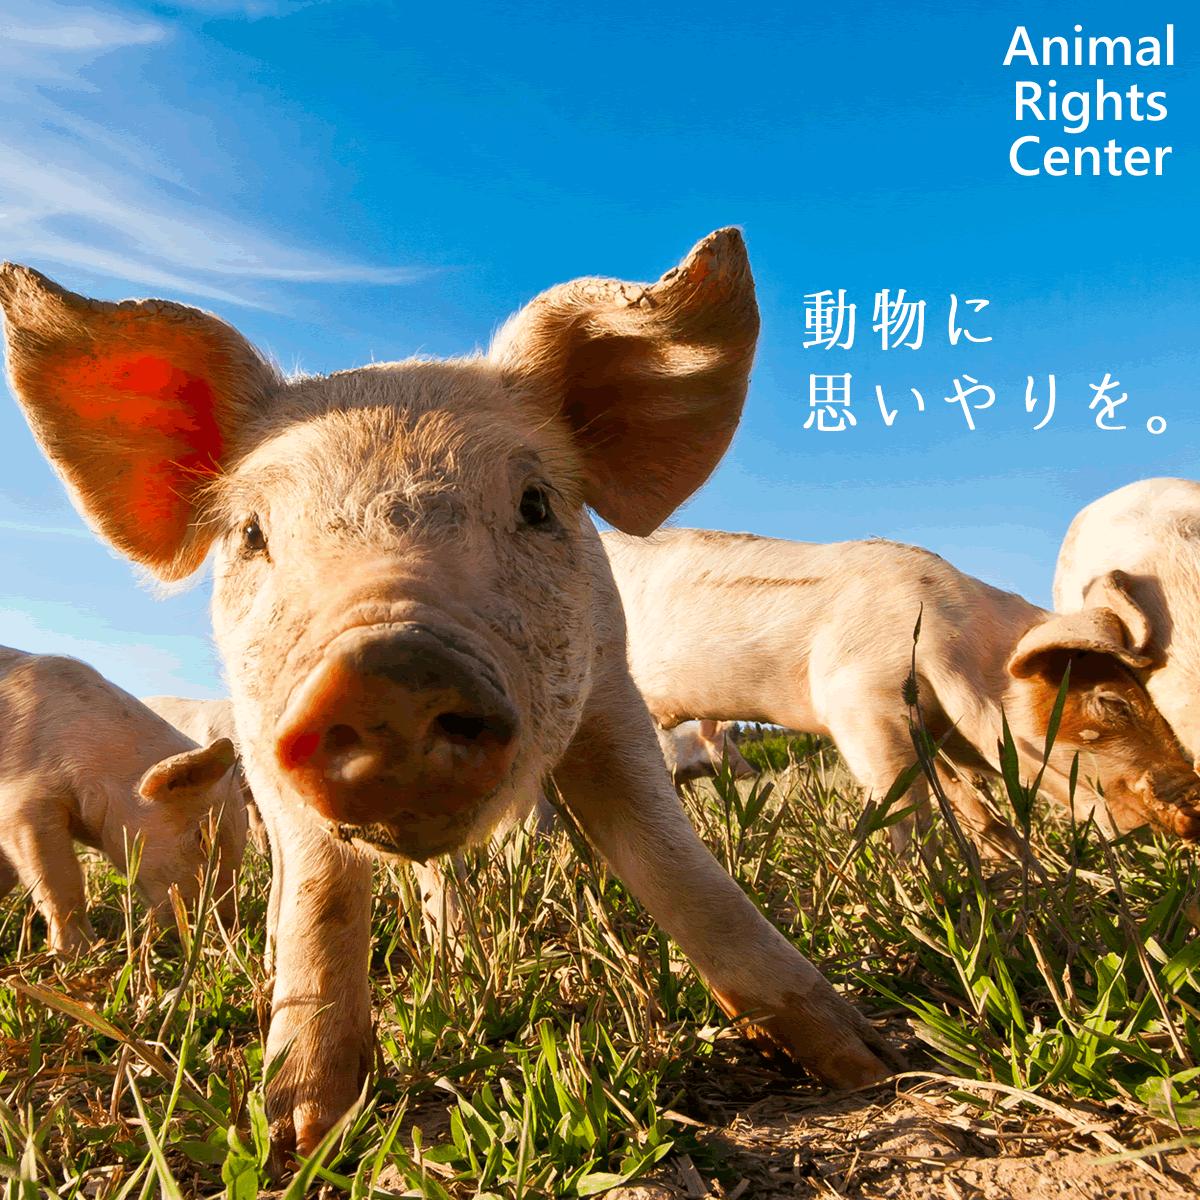 フォアグラとは? | NPO法人アニマルライツセンター 毛皮、動物実験、動物虐待、工場畜産、犬猫殺処分などをなくしエシカルな社会へ